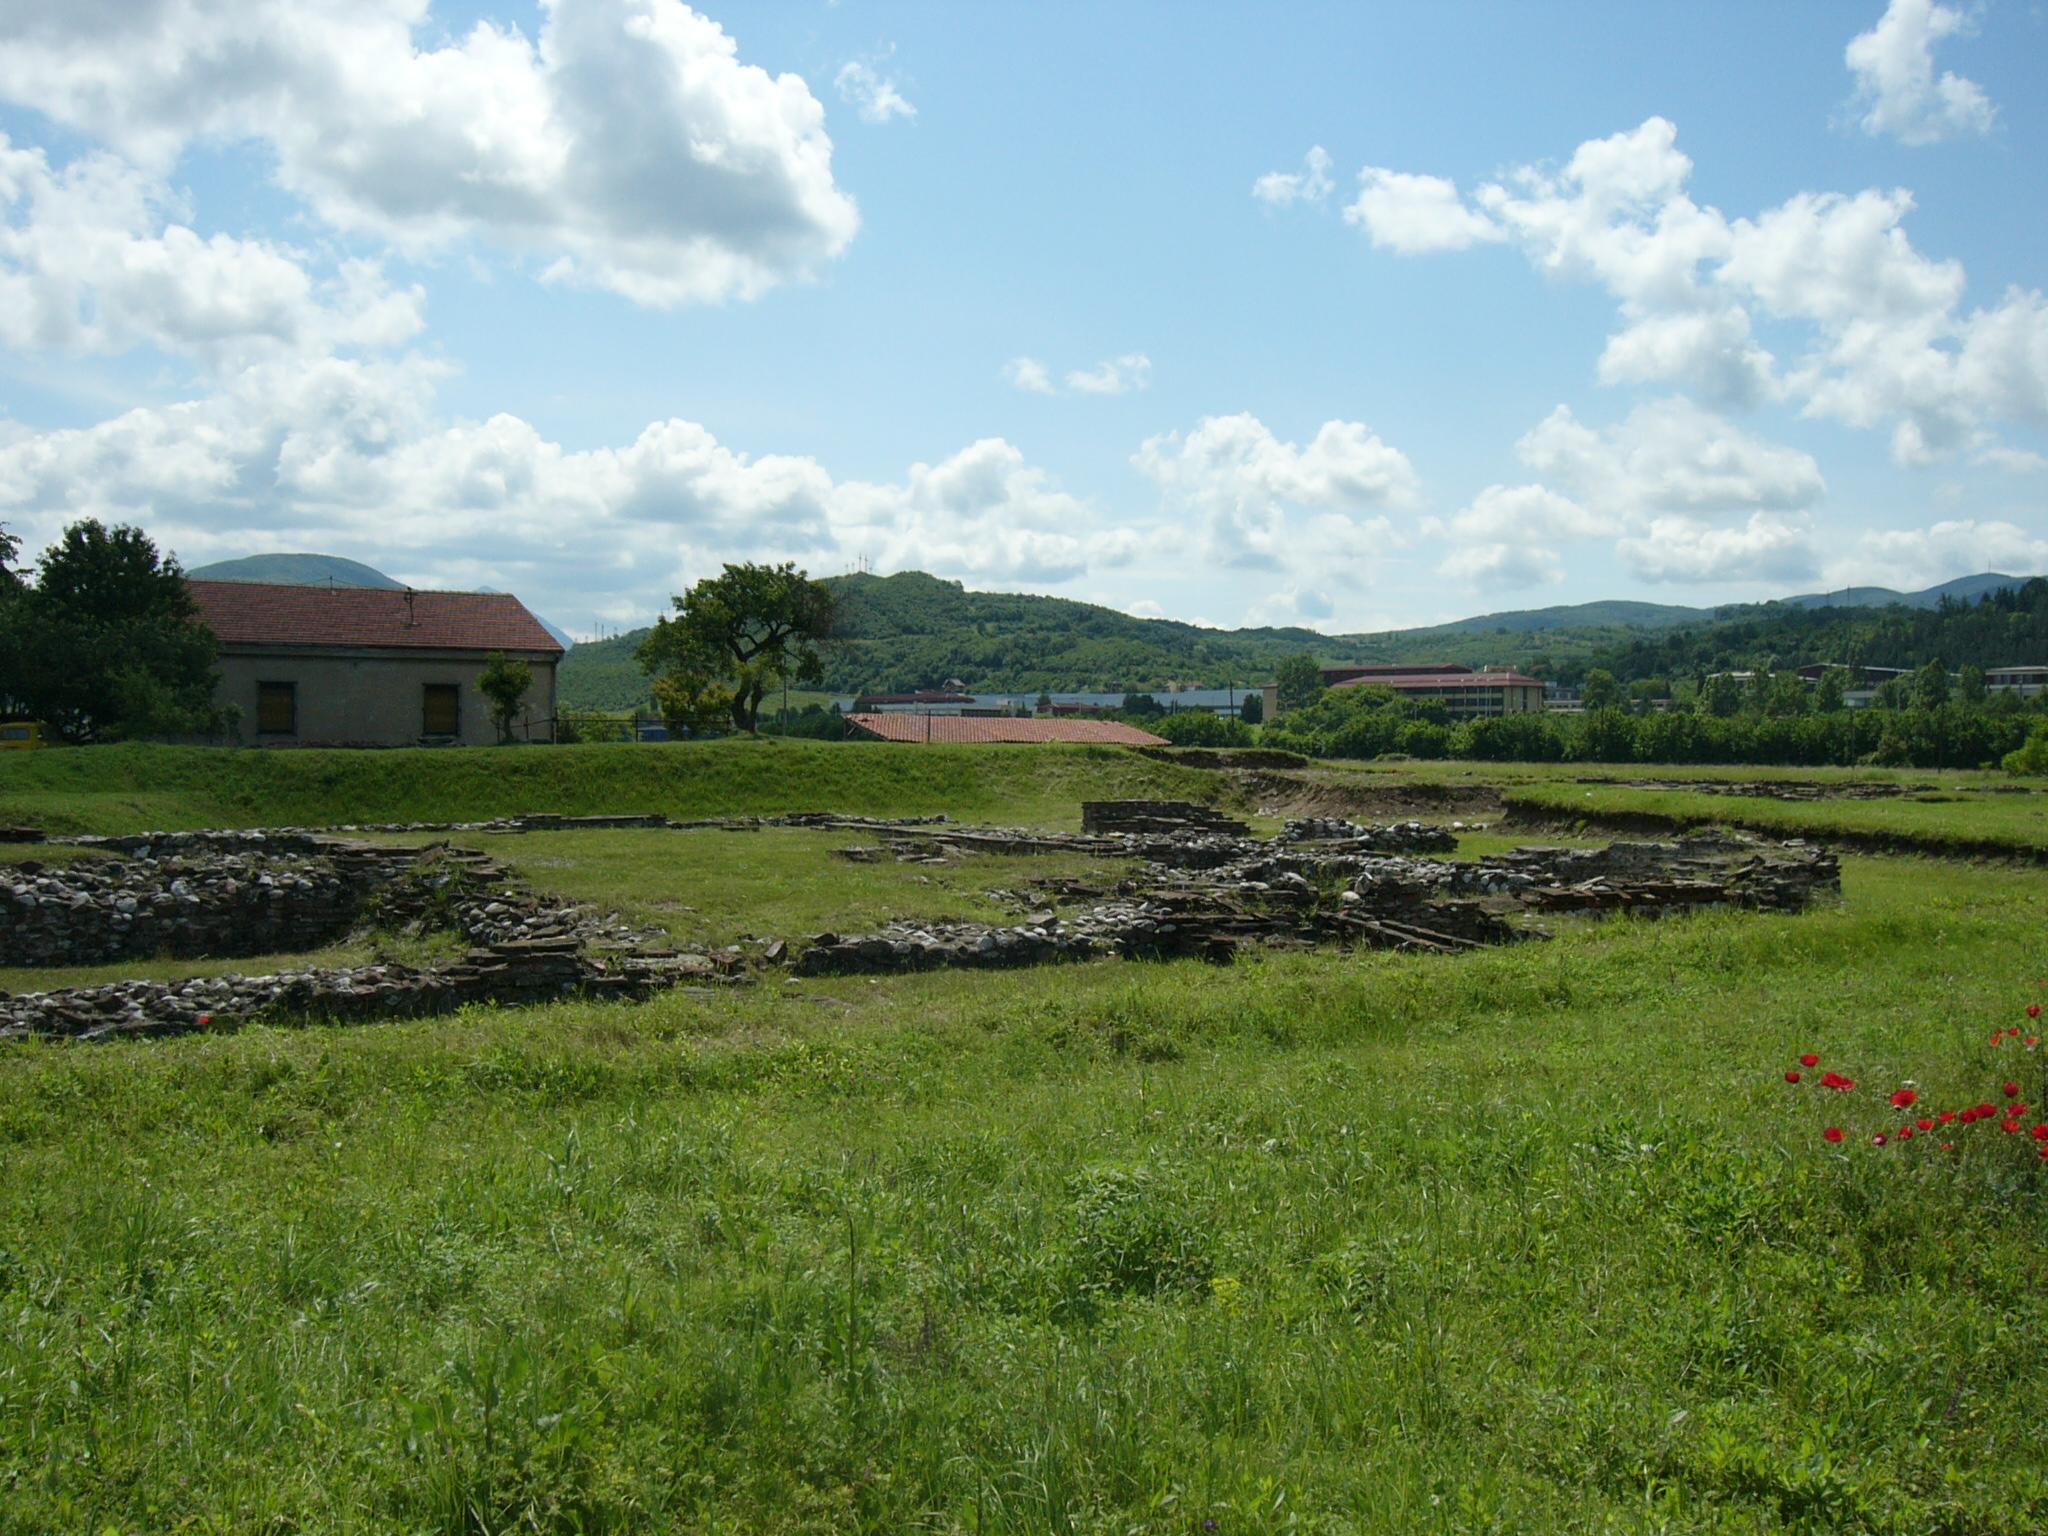 GRADOVI-arheološke destinacije Medijana